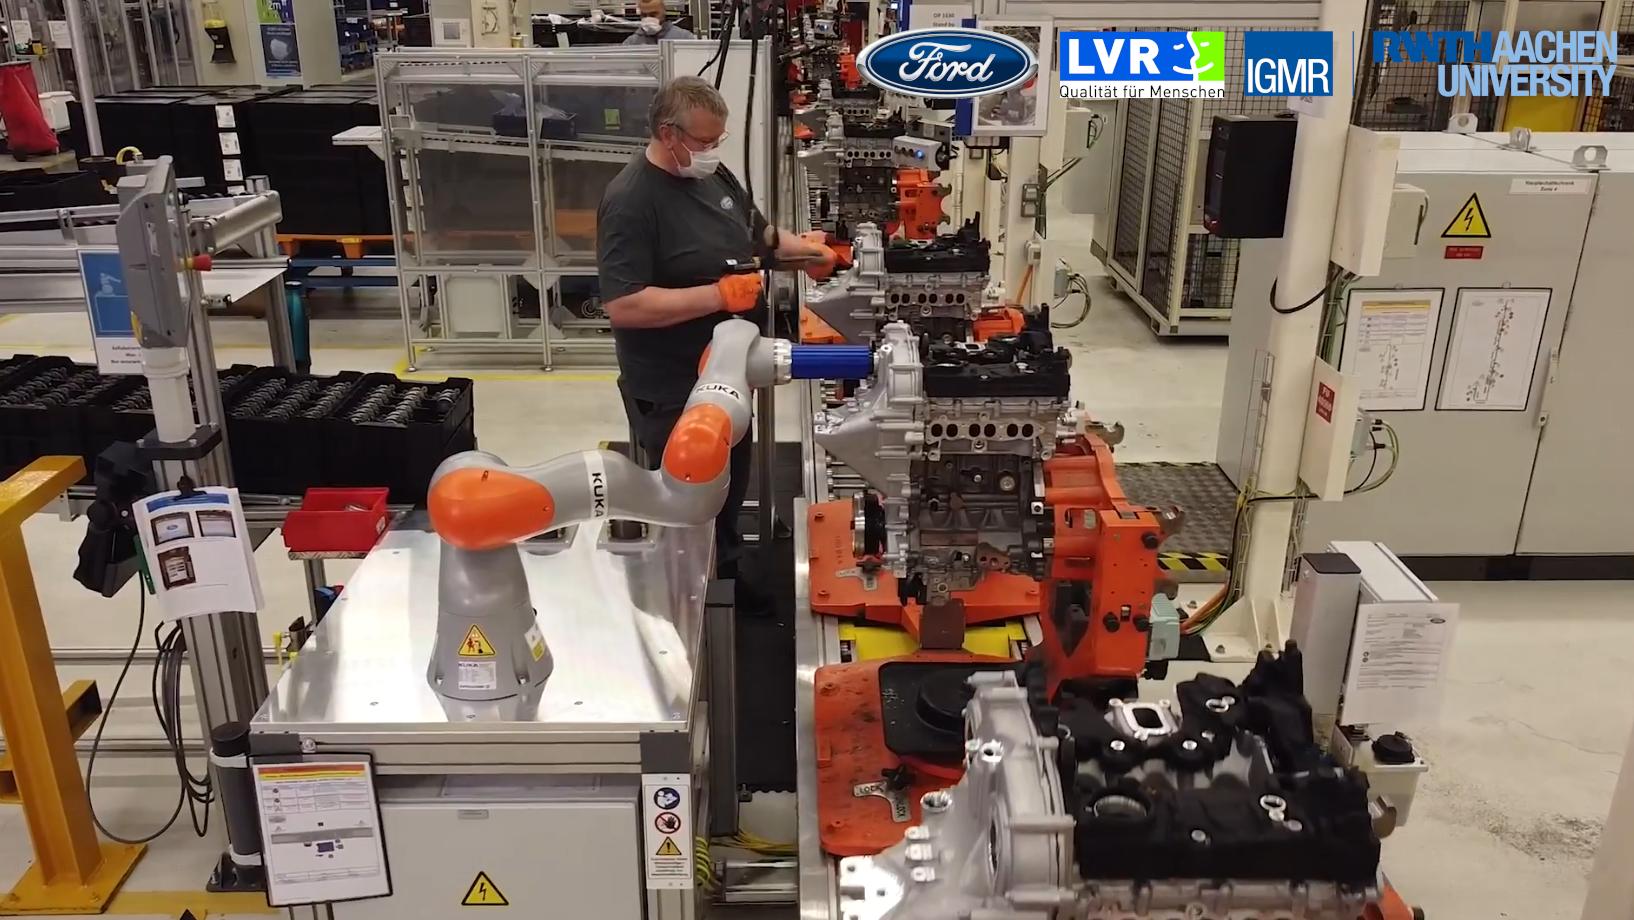 Mitarbeiter und kollaborierende Roboter in der Produktion bei Ford